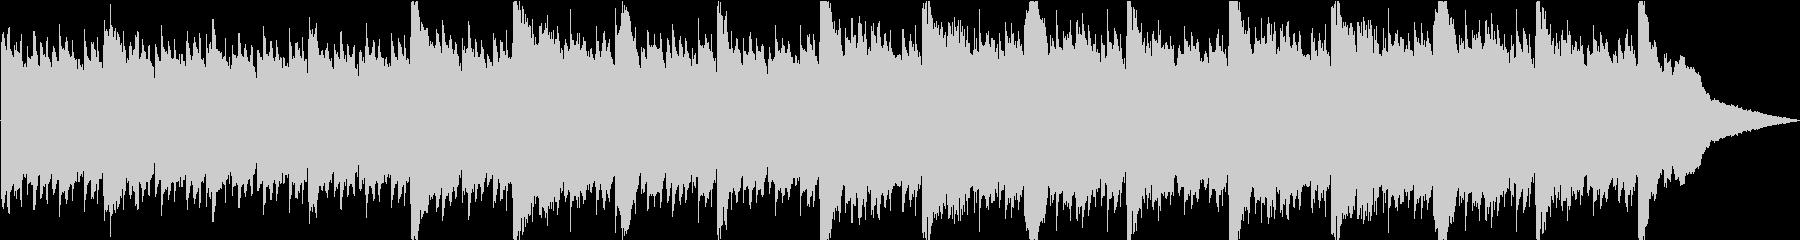 寂しく切ないピアノのBGMの未再生の波形